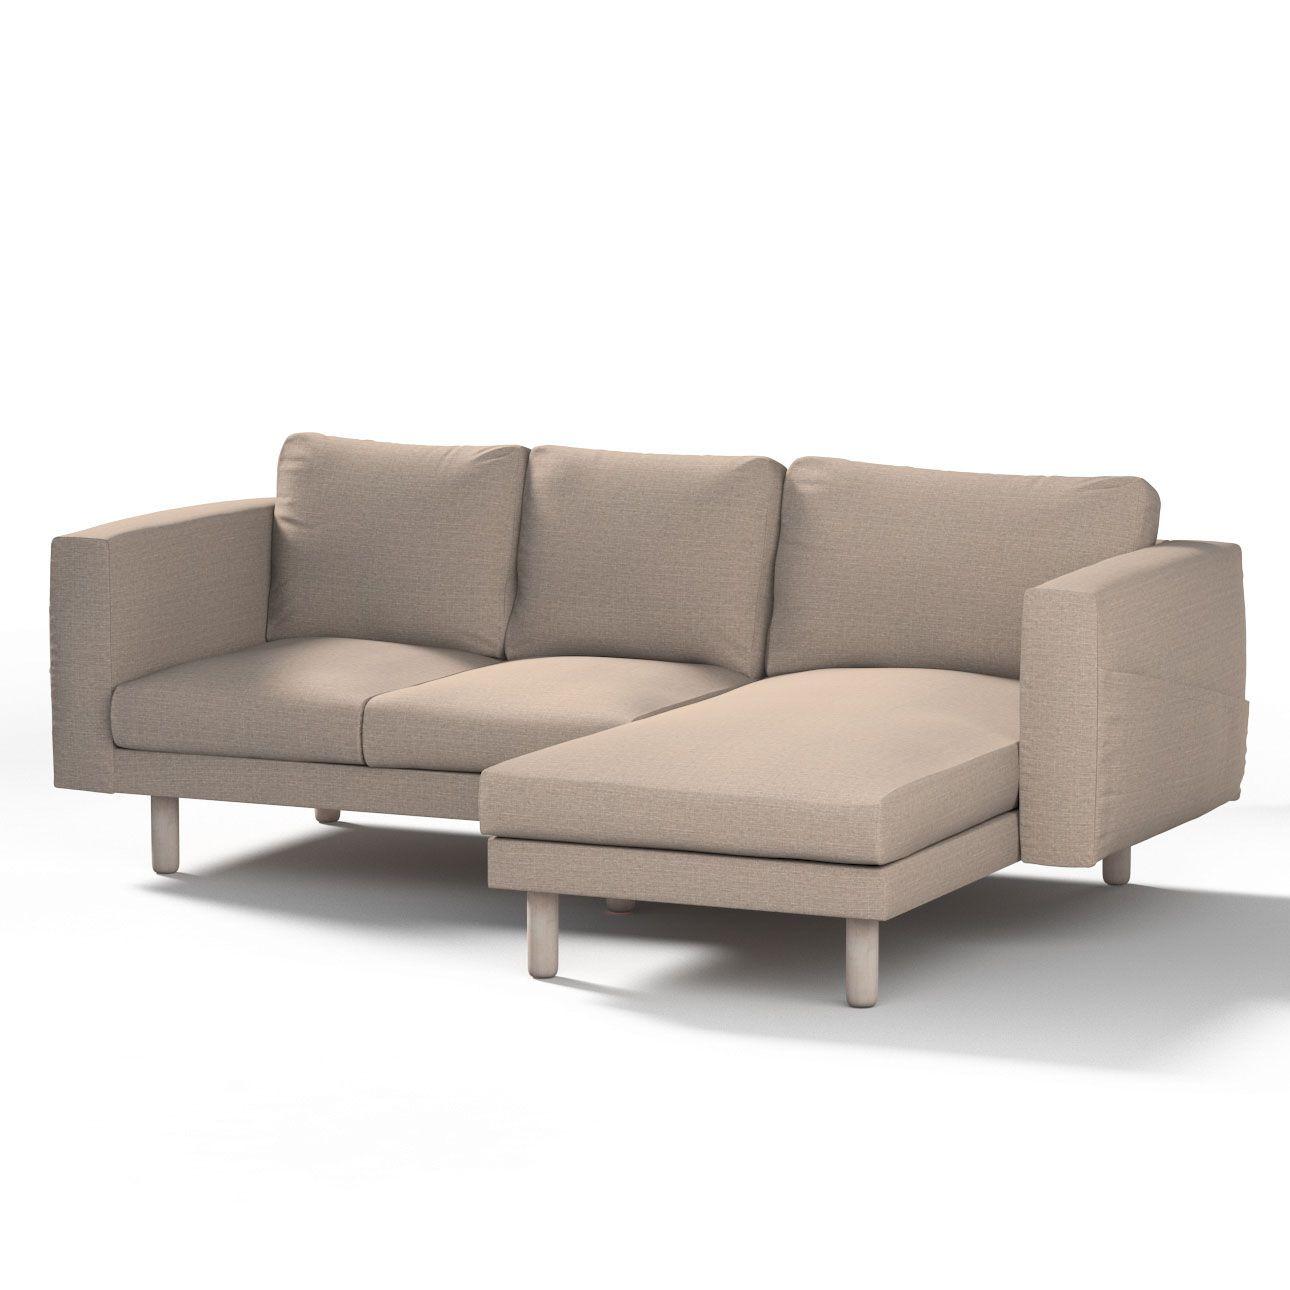 Full Size of 3 Sitzer Sofa Mit Schlaffunktion Poco Bettkasten Leder Ikea Ektorp Rot Bei Roller P35231 Bettfunktion Garnitur Leinen Xxl Günstig De Sede Landhaus Weiß Grau Sofa 3 Sitzer Sofa